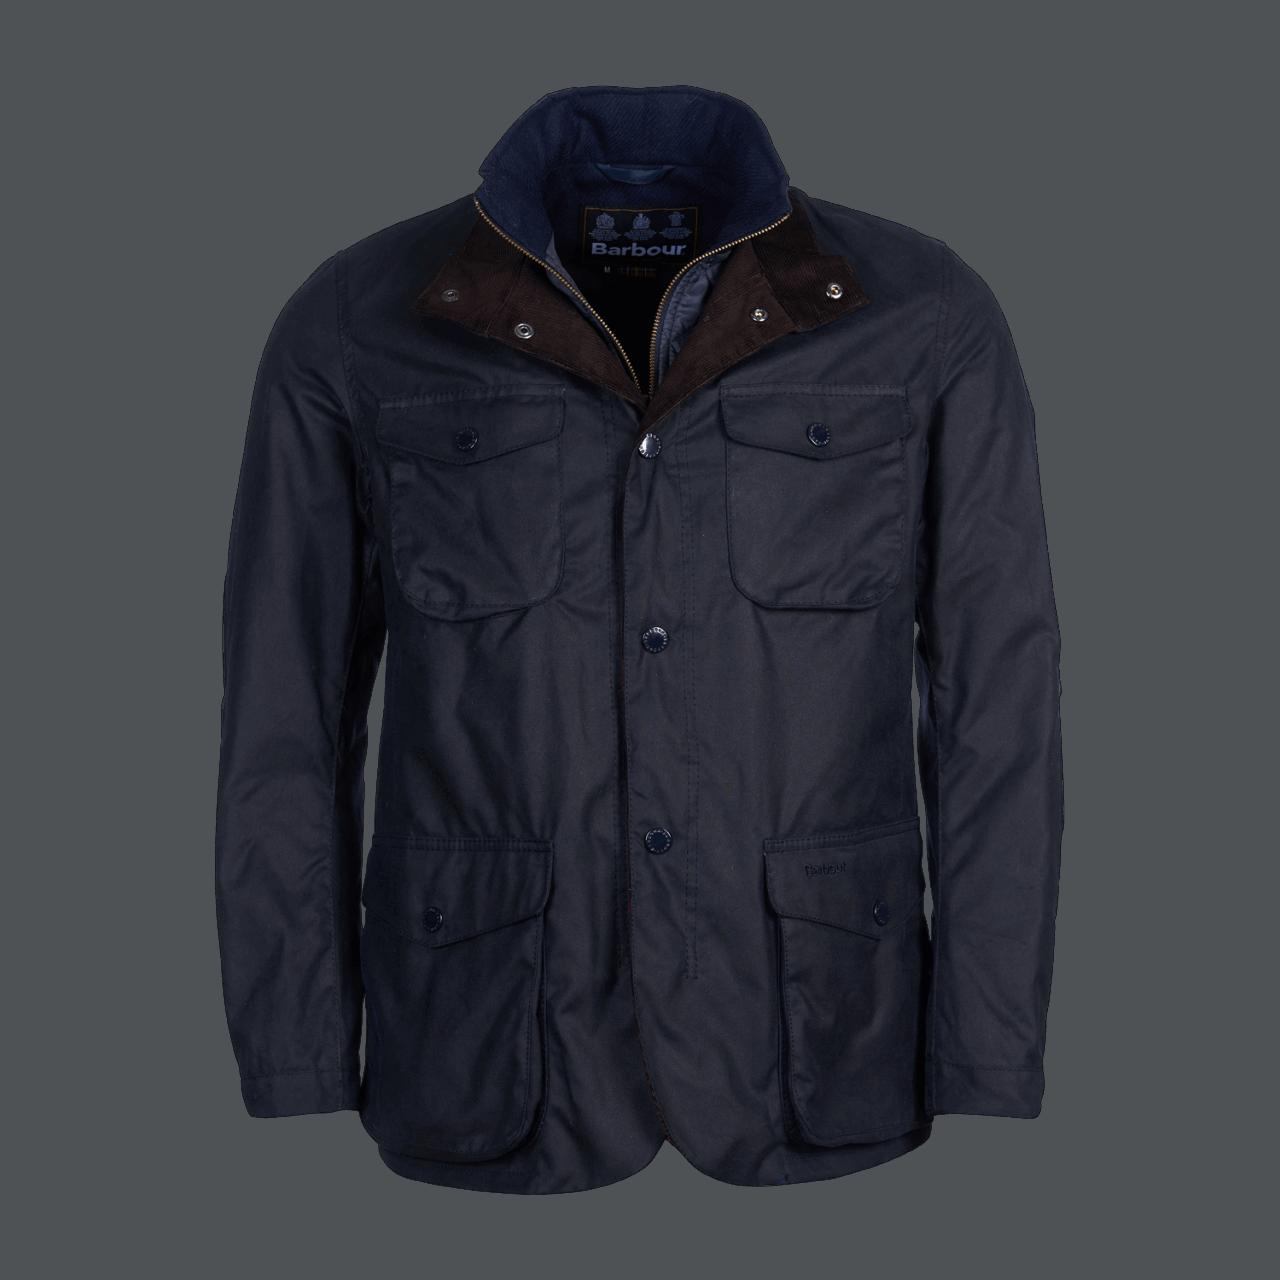 Barbour Ogston Wax Jacket - navy